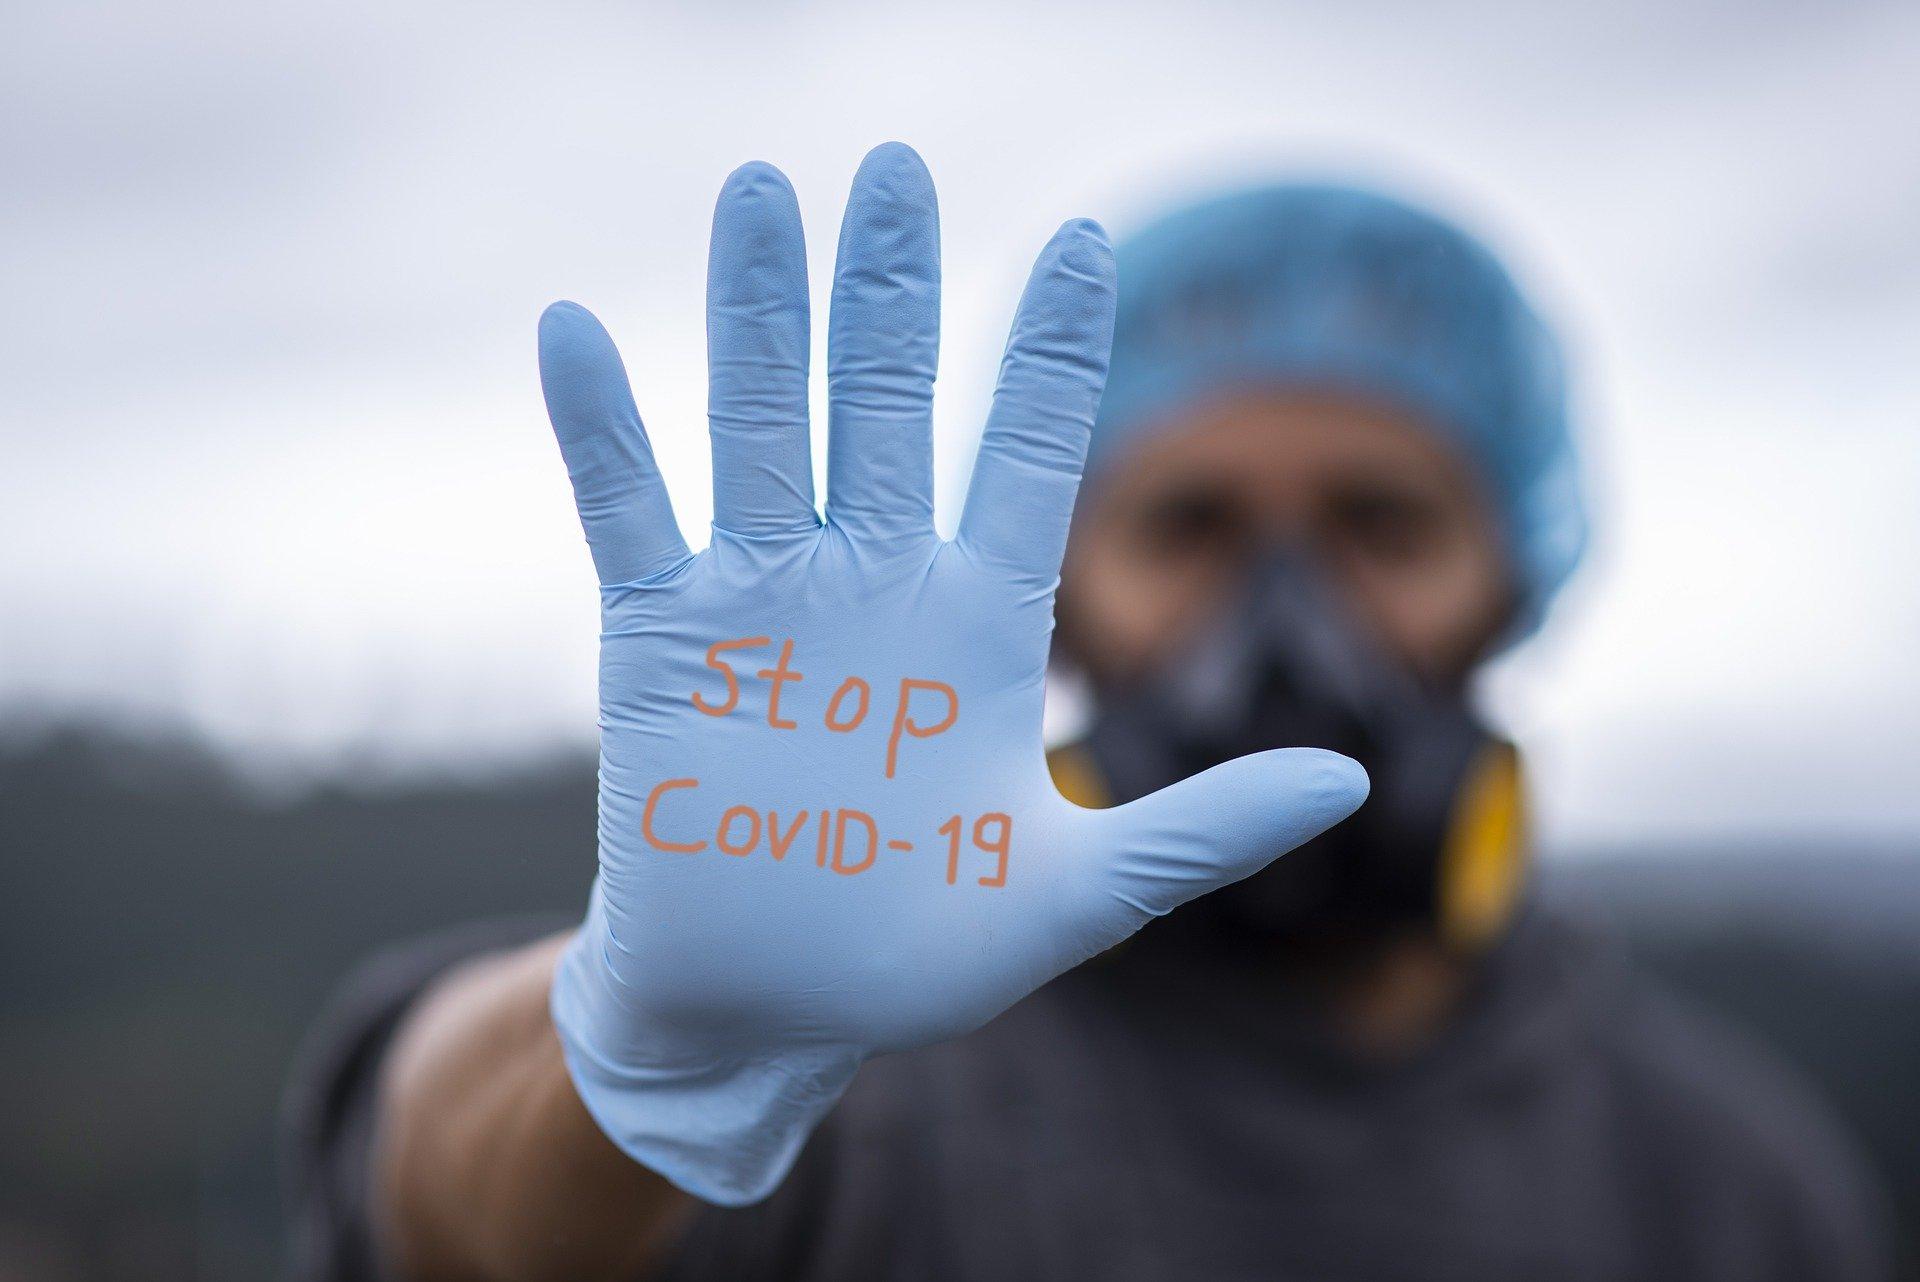 SALUD. Expertos en salud pública piden cautela al momento de reactivar al país tras el COVID-19